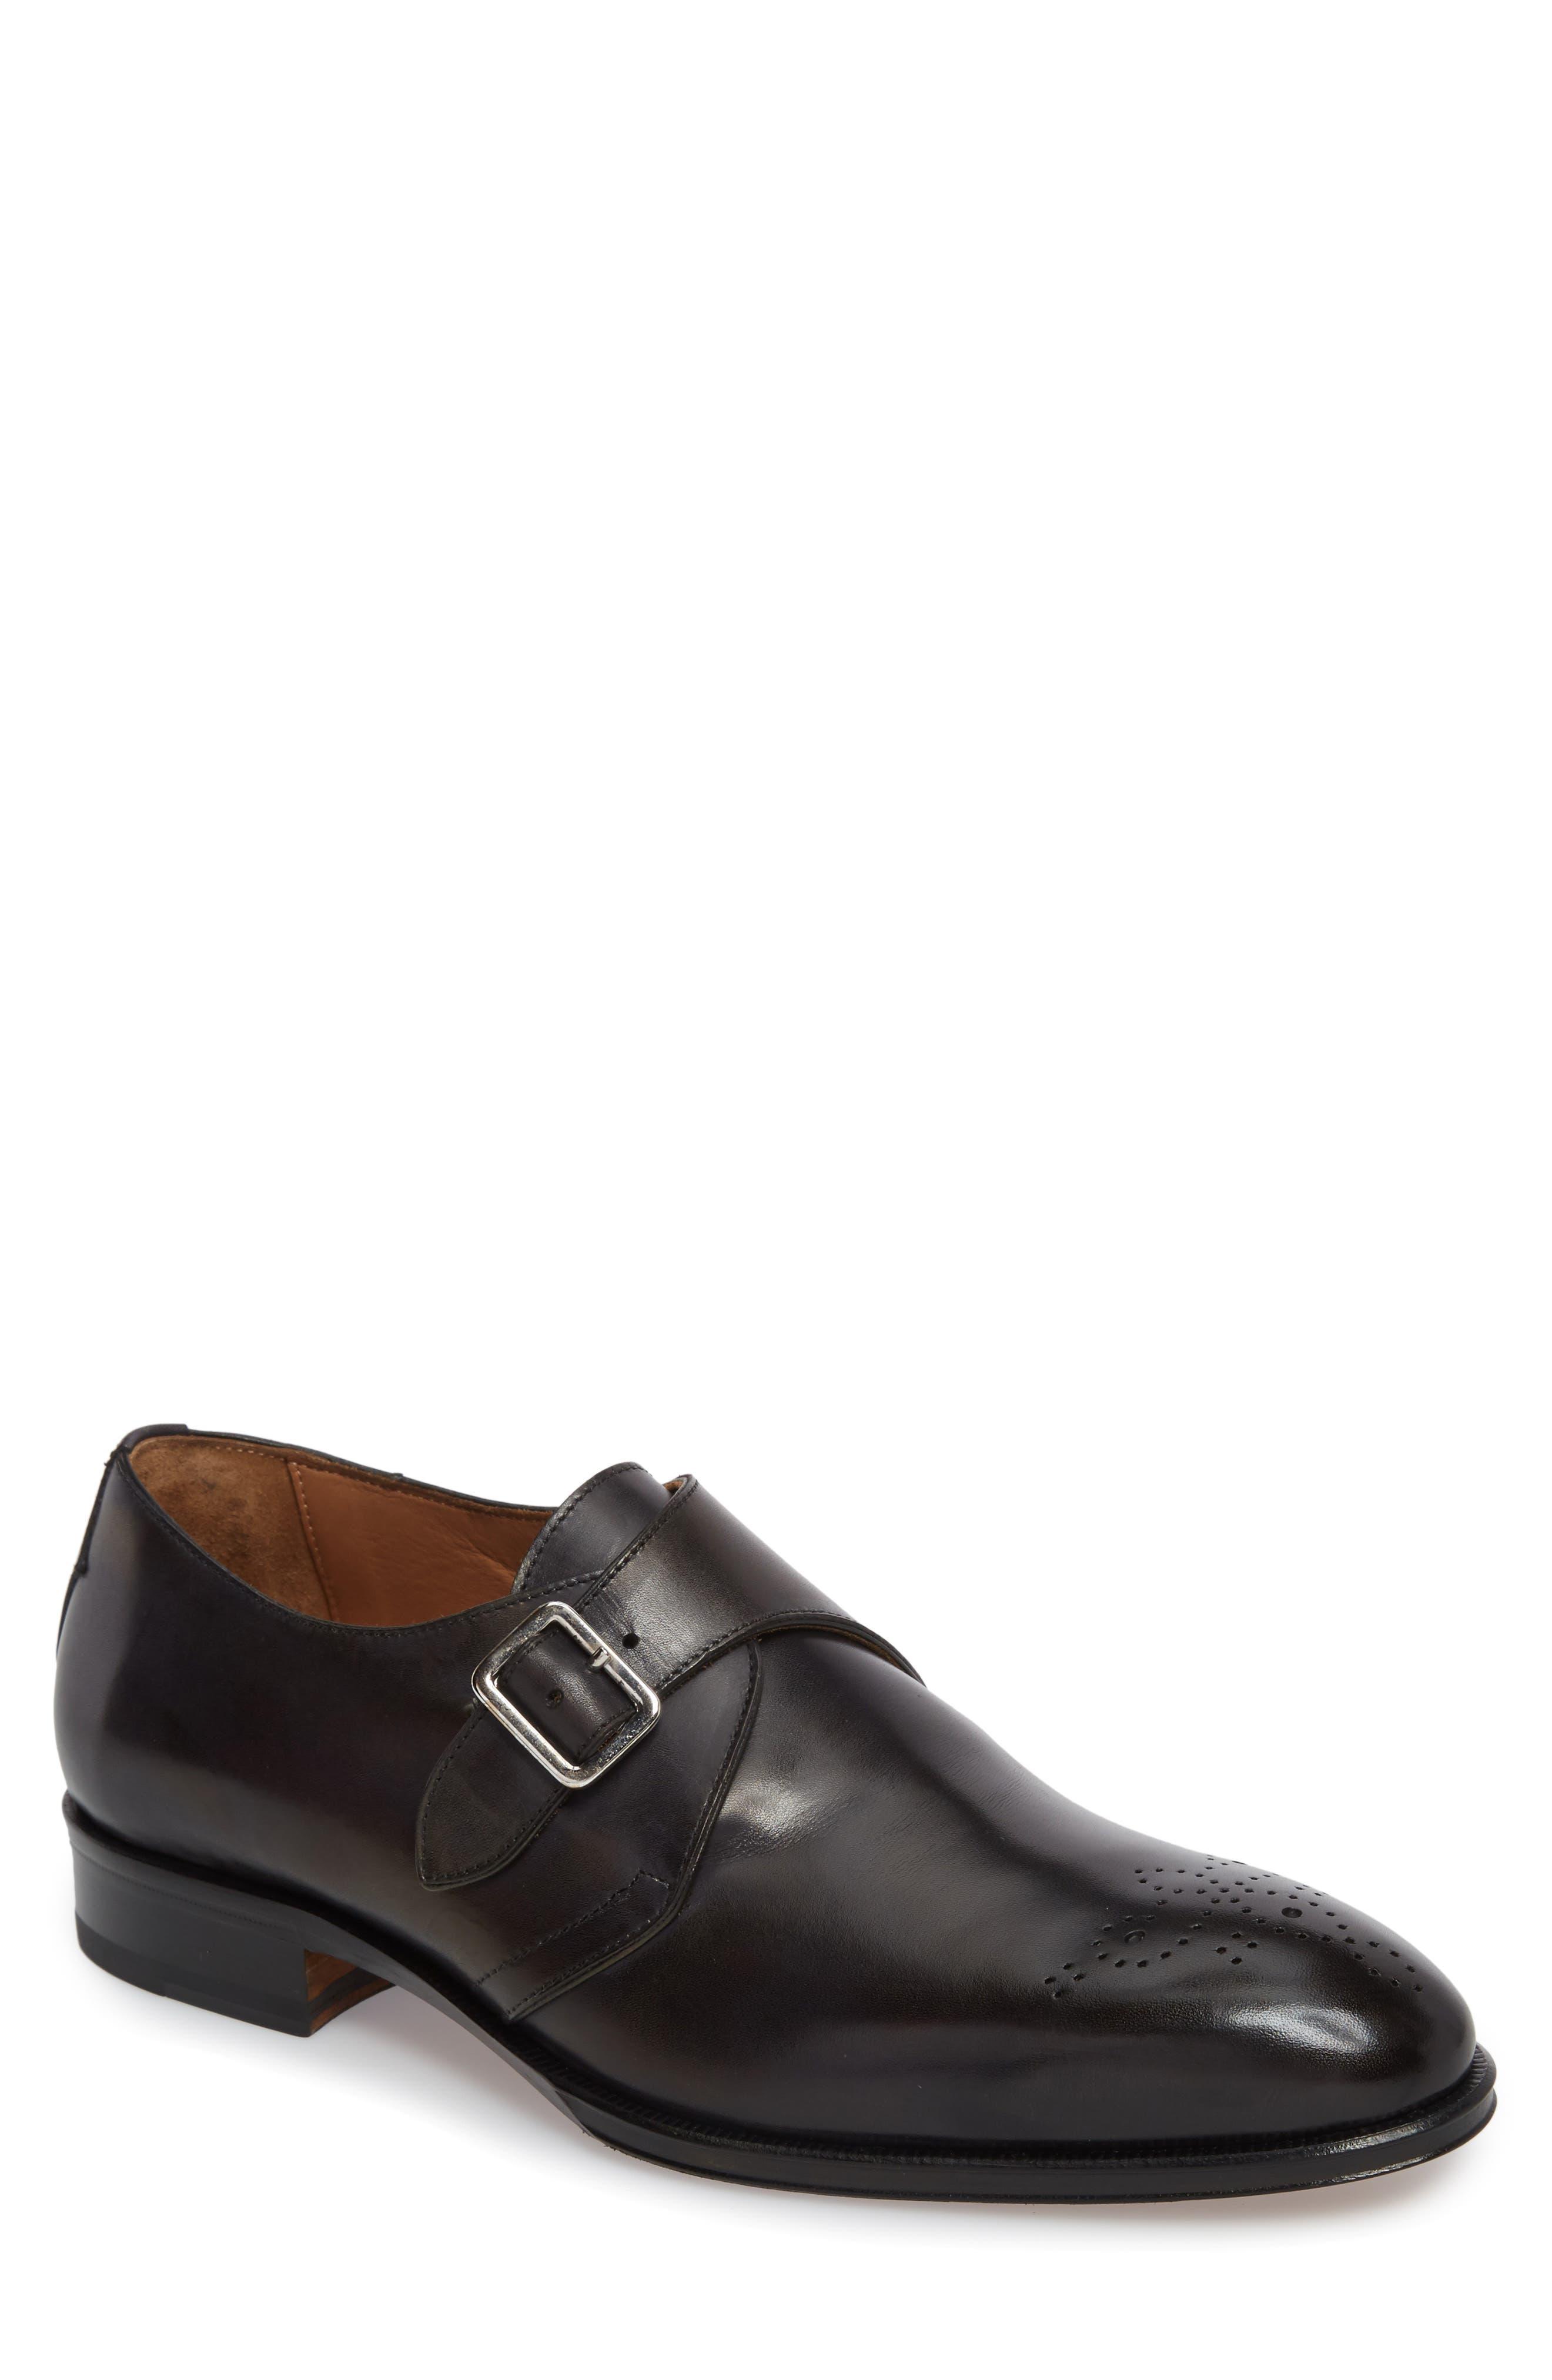 Gallo Bianco Bologna Monk Strap Shoe,                         Main,                         color, 402